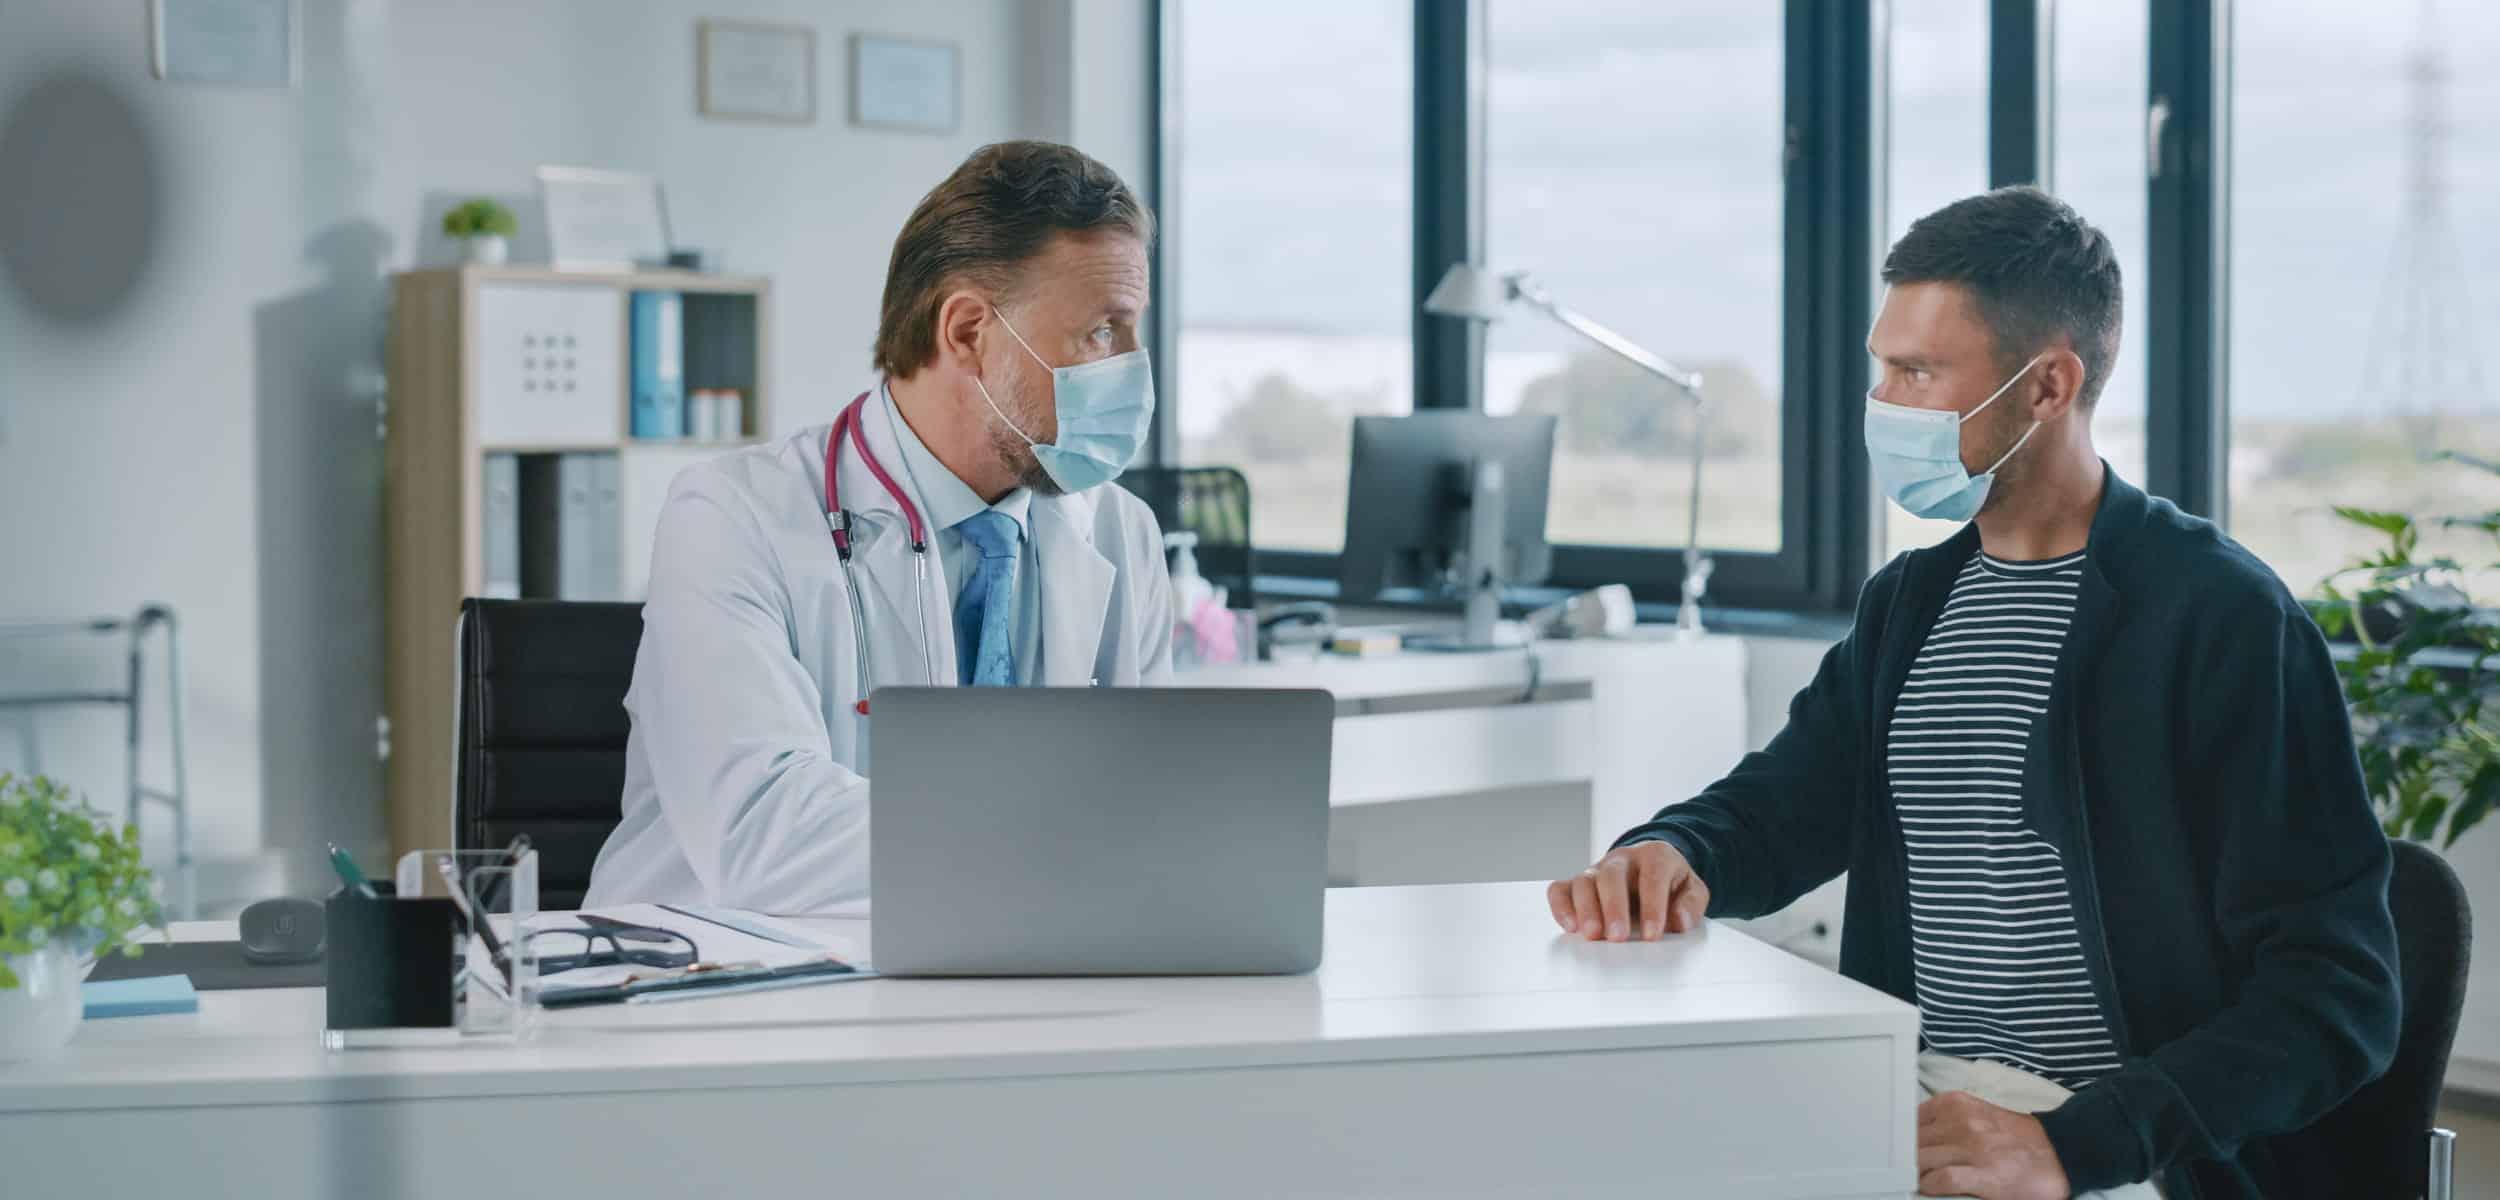 רופא תעסוקתי